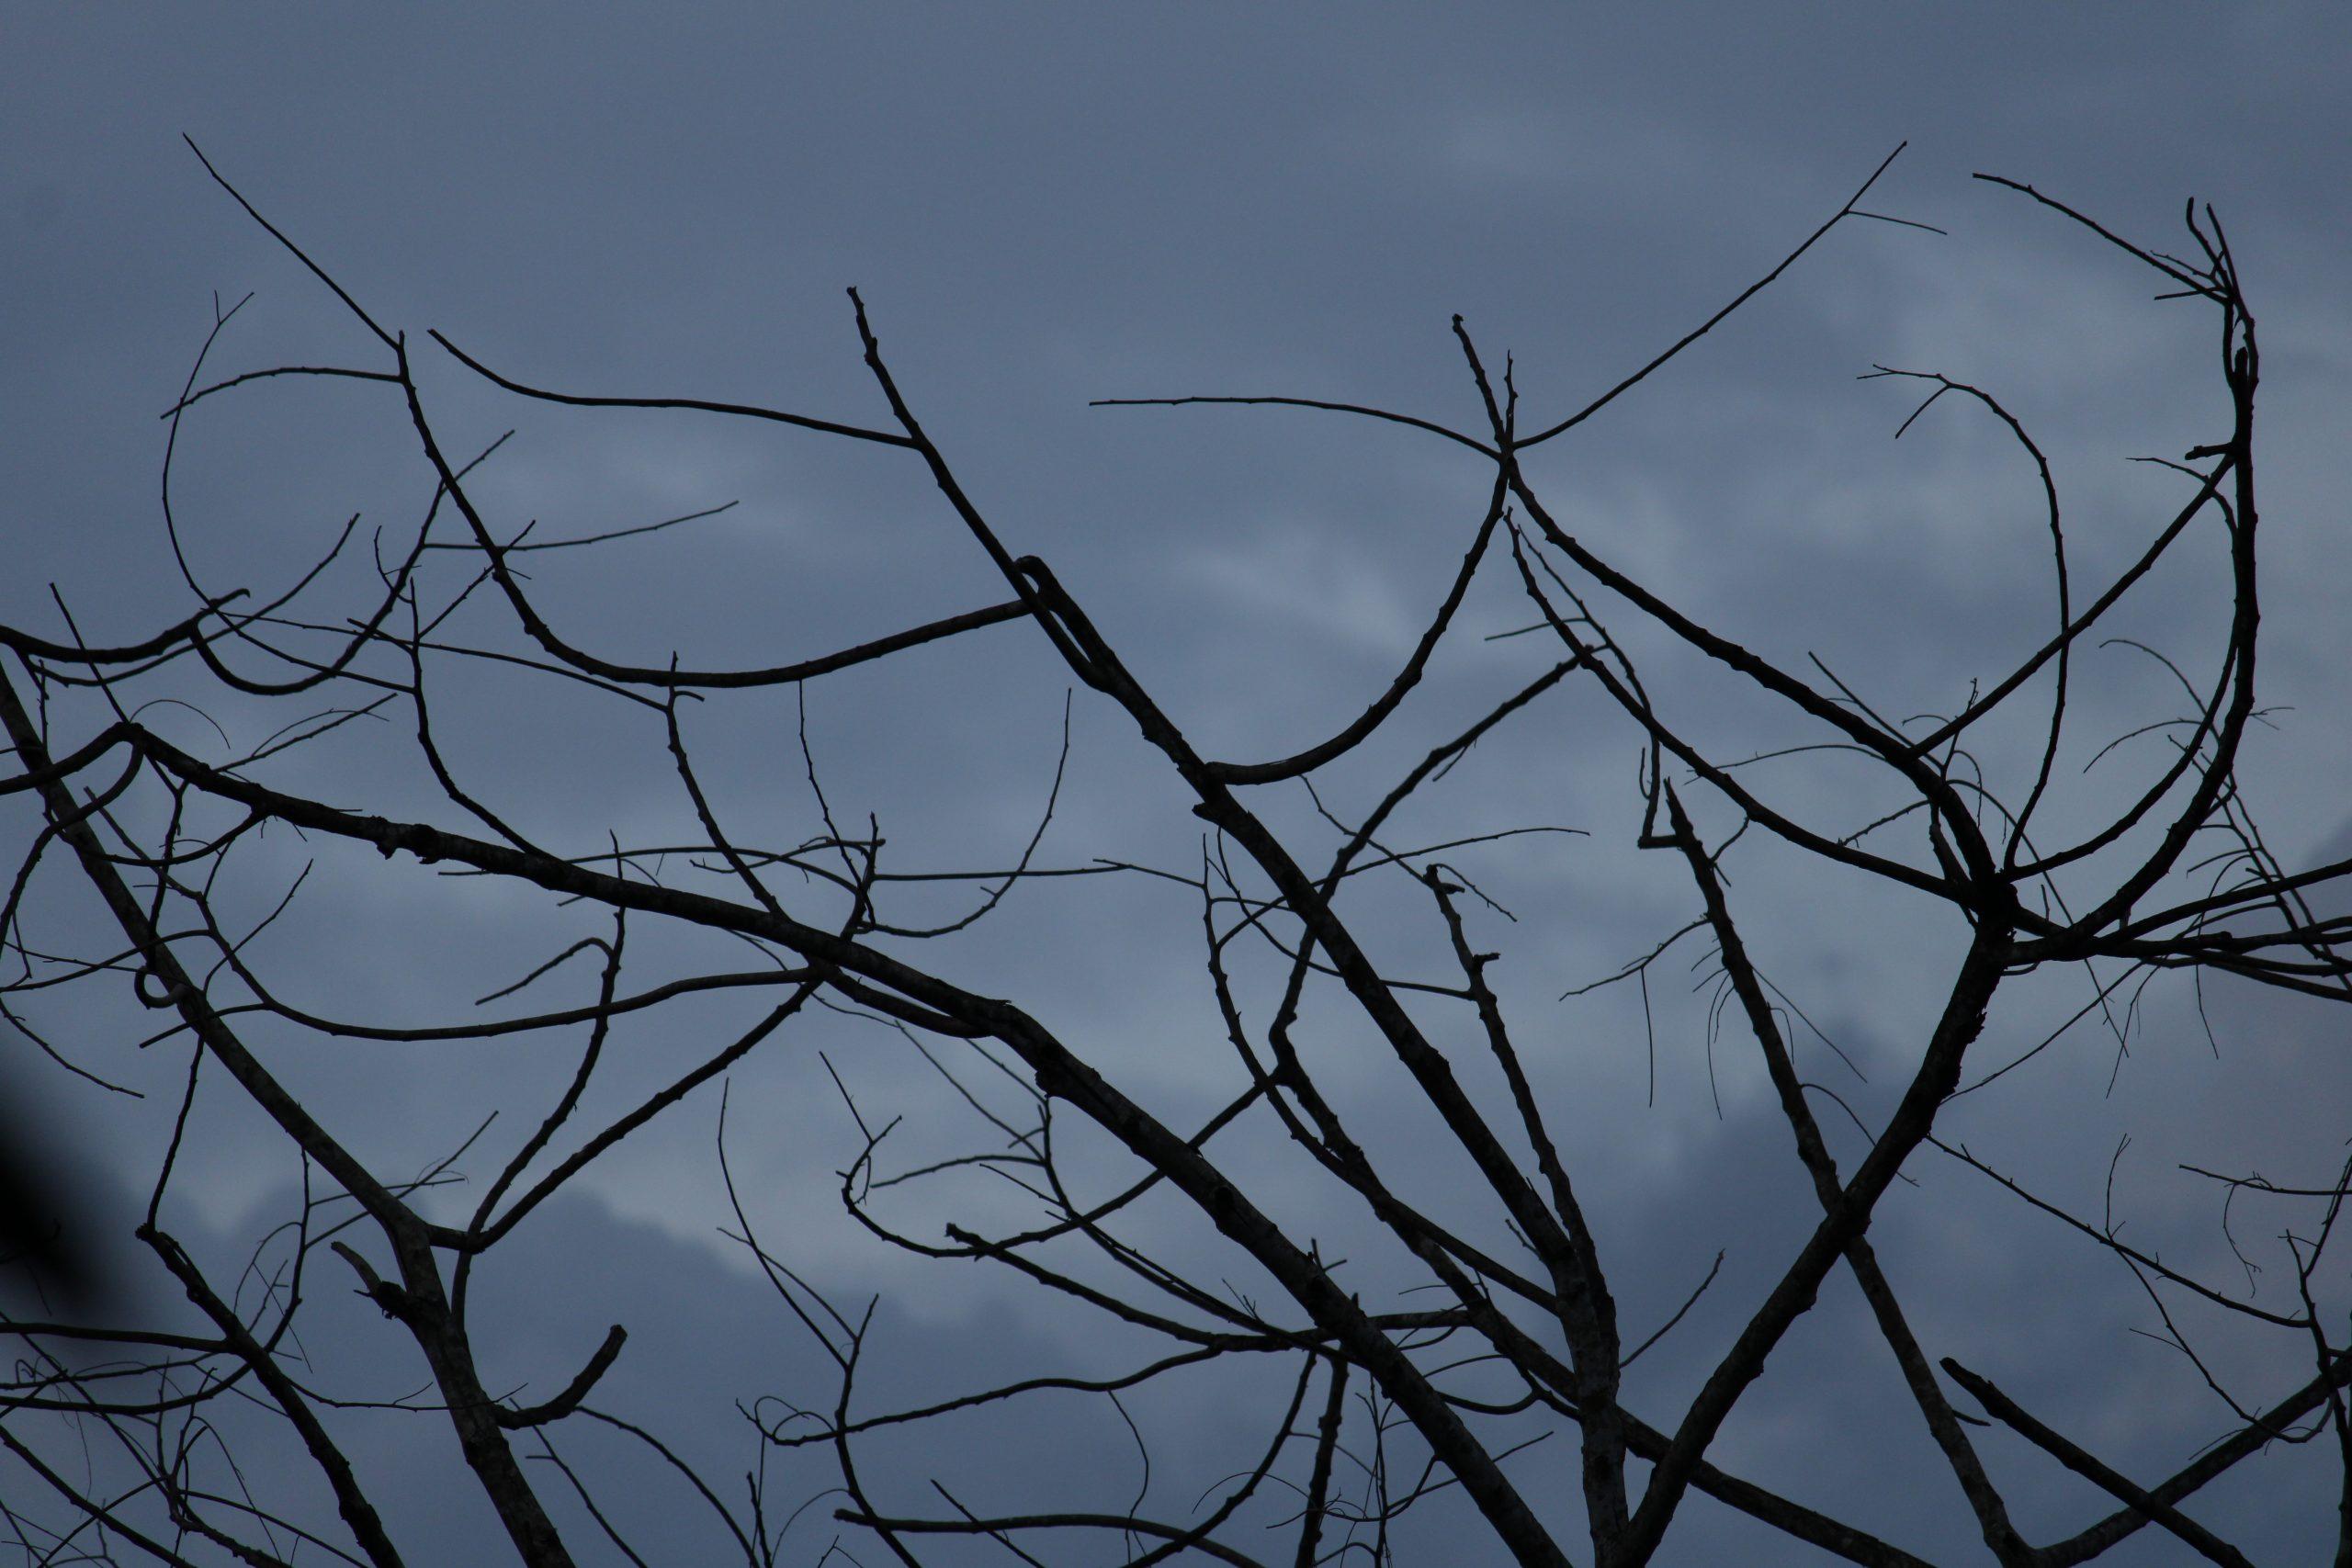 Branches under a dark sky.